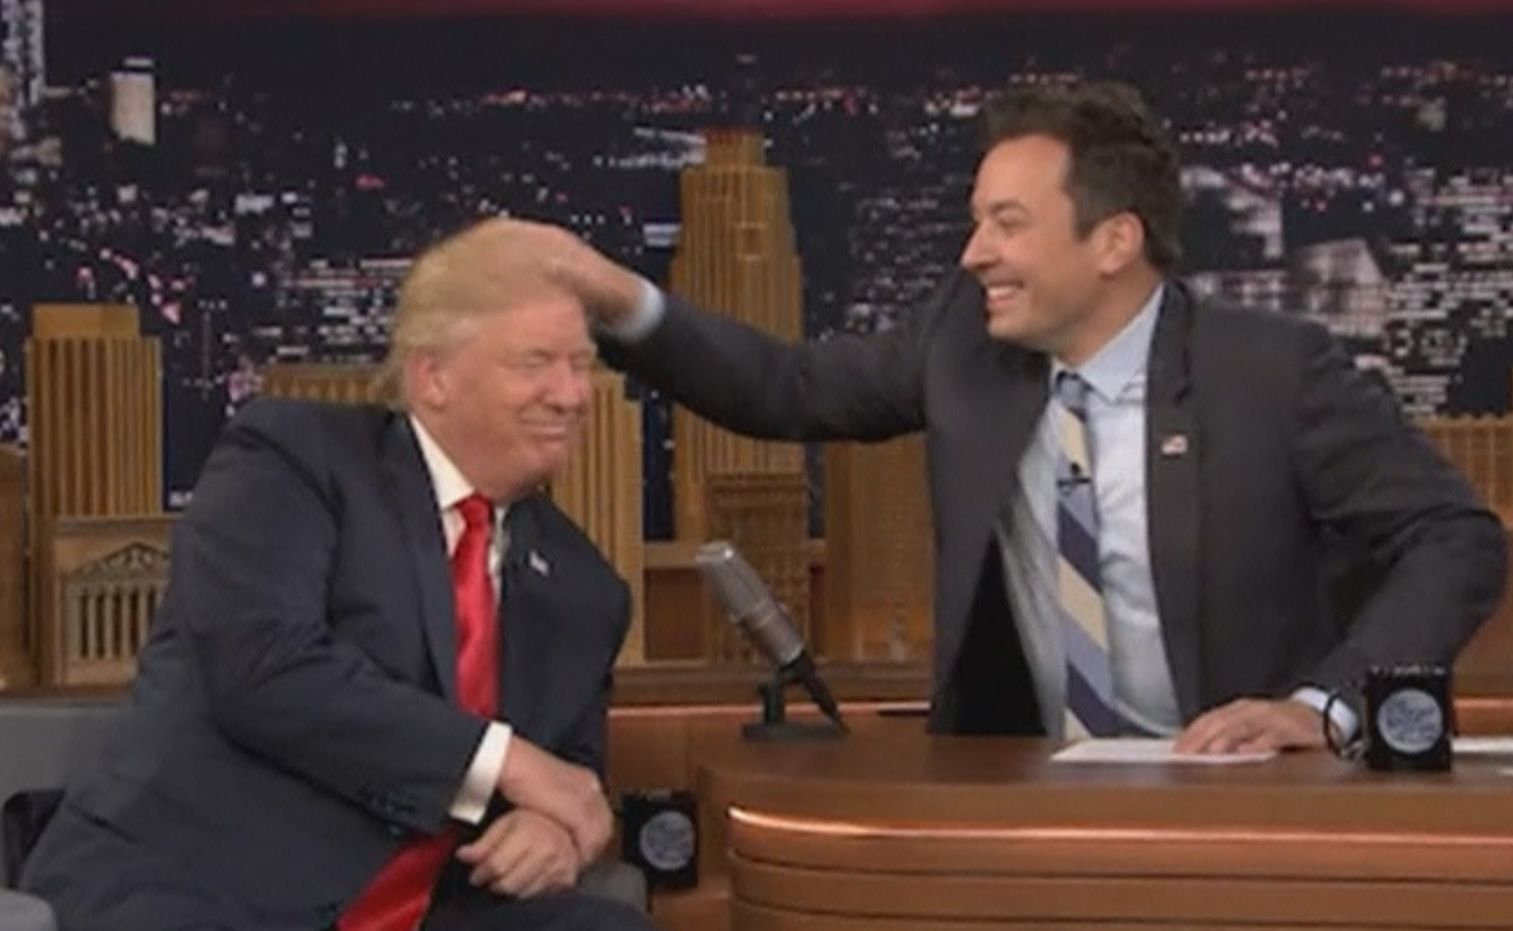 Donald Trump si nechal rozcuchat svůj známý účes od moderátora Jimmy  Fallona - Aktuálně.cz 7d2eff3abda